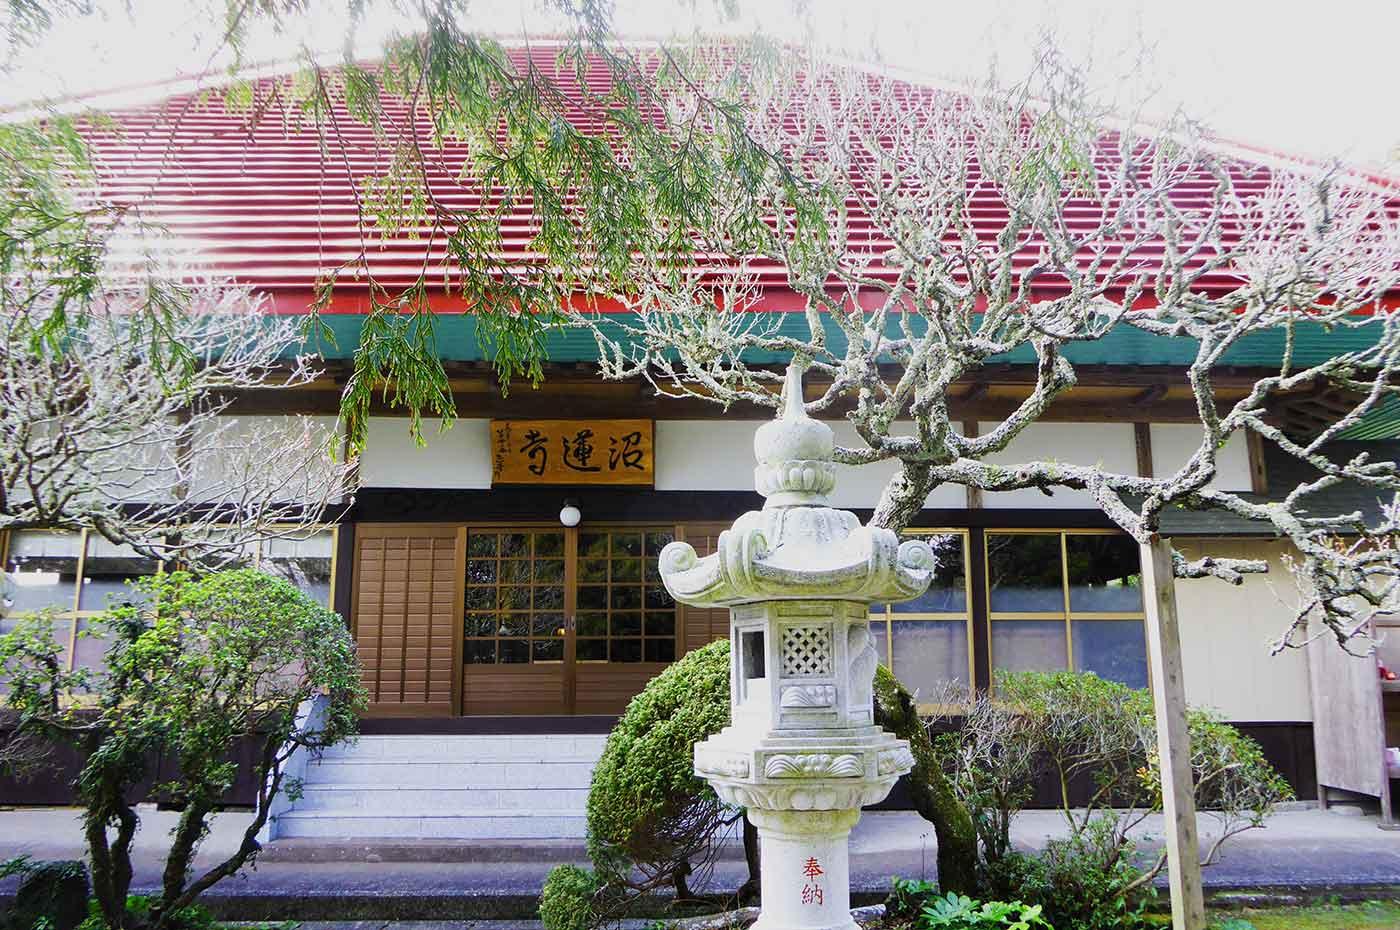 沼蓮寺の外観画像